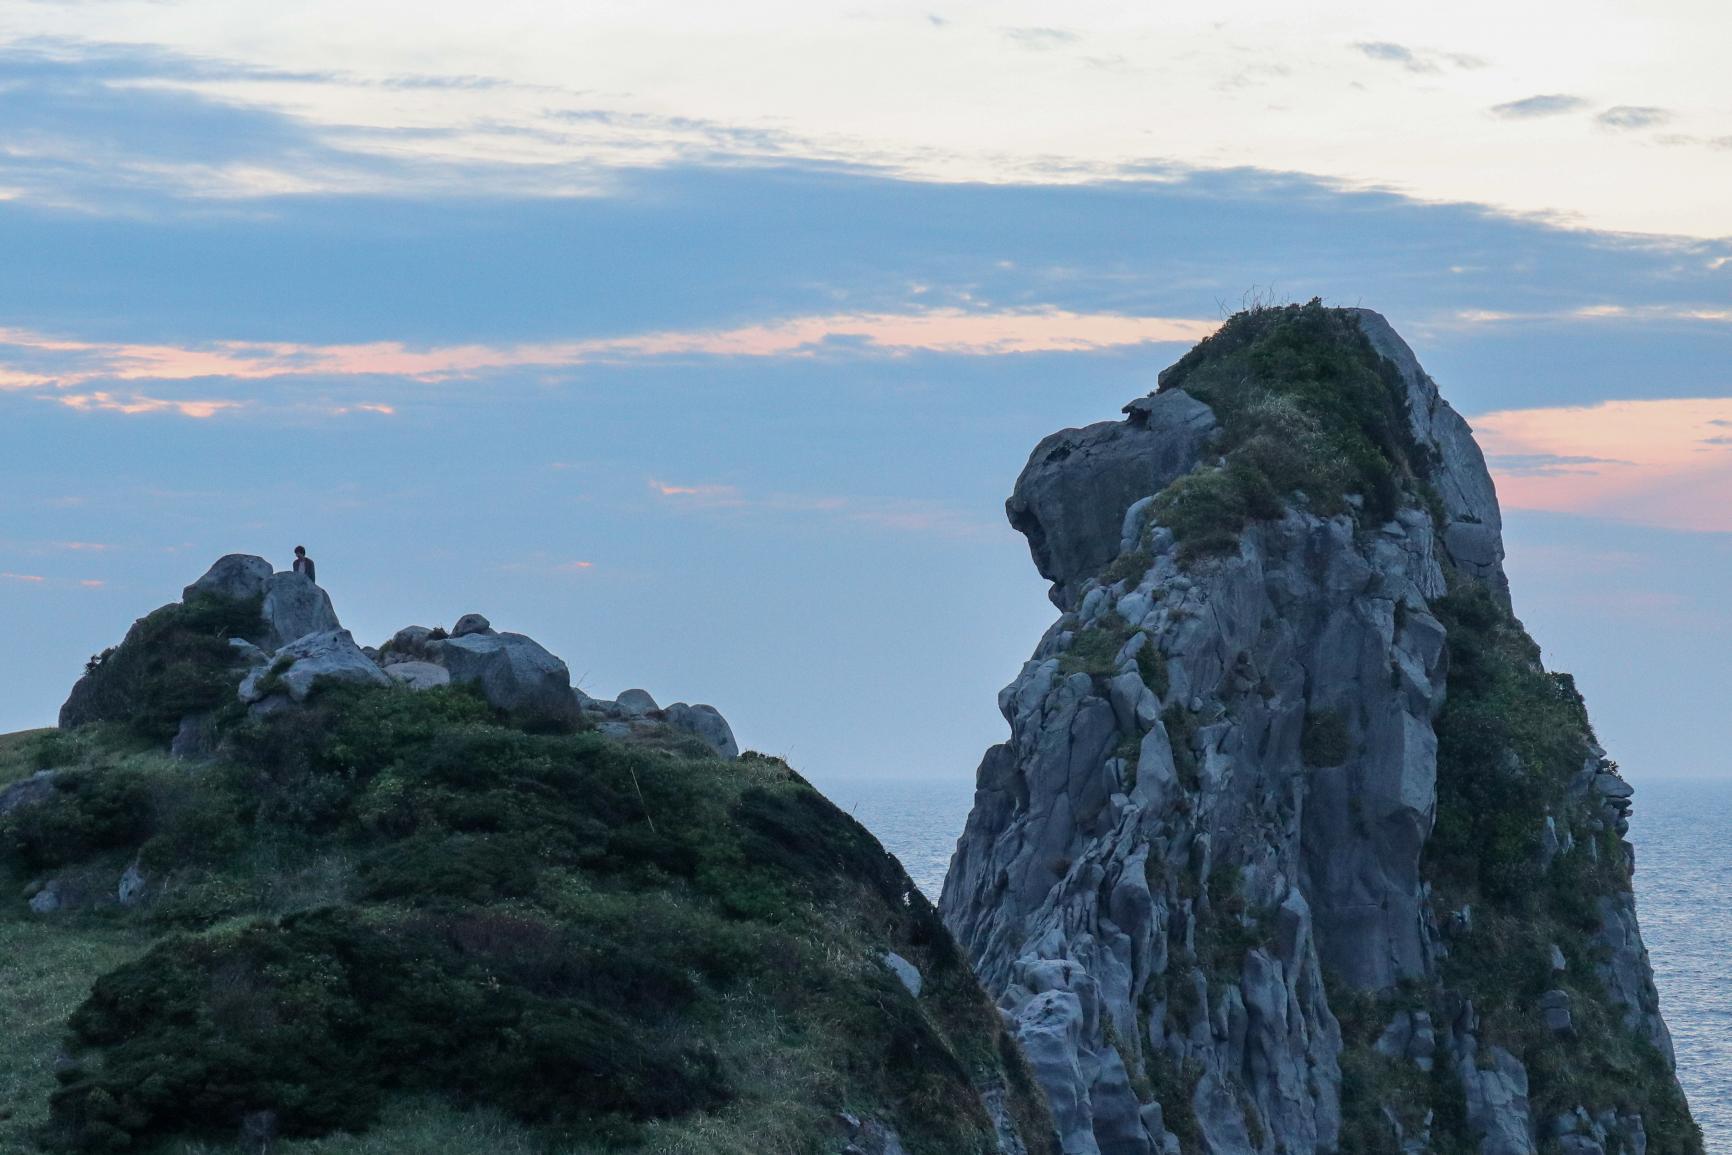 夕暮れ時は哀愁感漂う!? 壱岐のシンボル「猿岩」-0